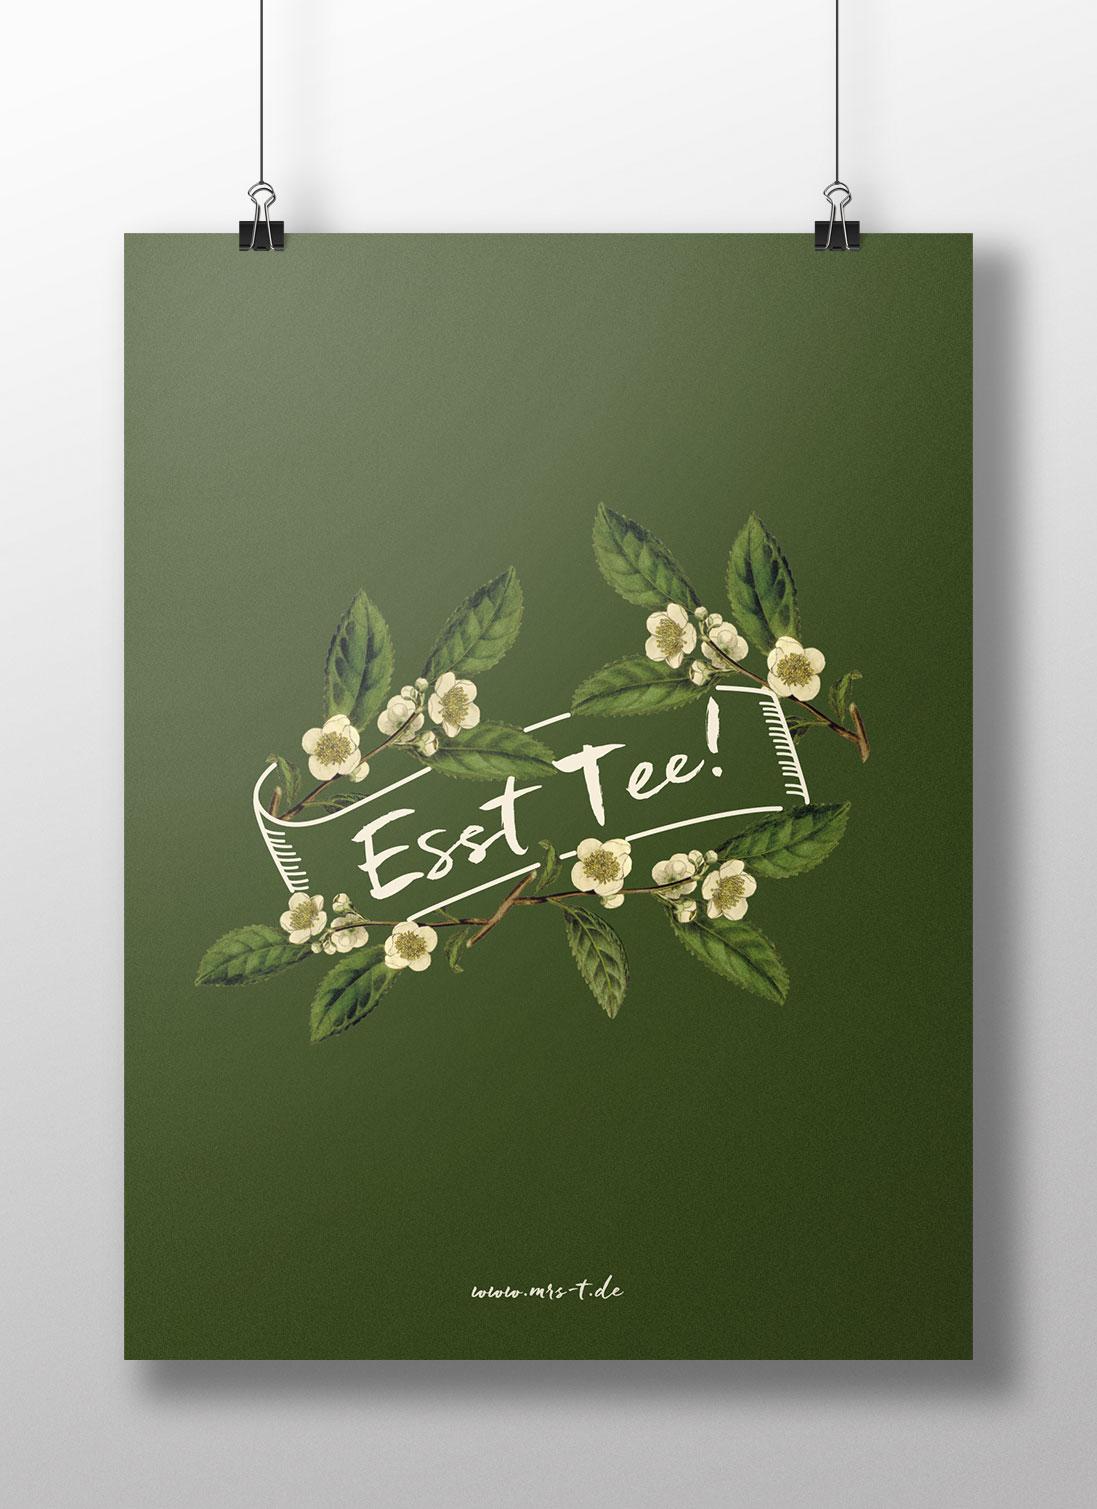 Poster-Mockup_Esst_Tee